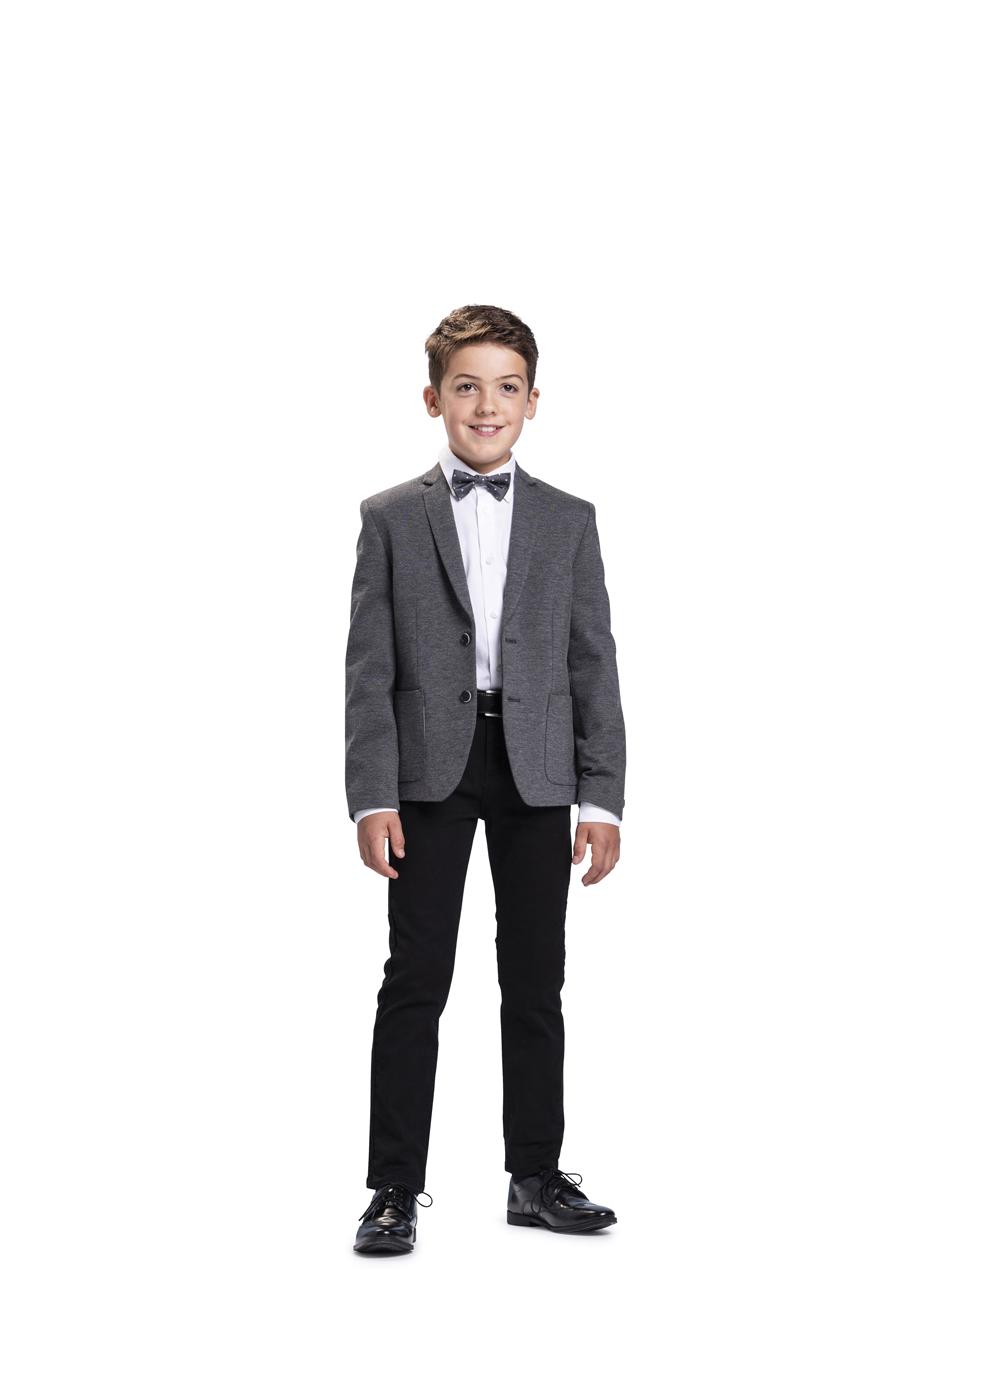 Super bequemer, moderner Kommunionanzug für Jungen von Weise Junior - Modell 7527702. Super bequemes Strechsakko in dunkelgrau kombiniert mit schwarzer Jeans und weißem Hemd und passender grauer Fliege.